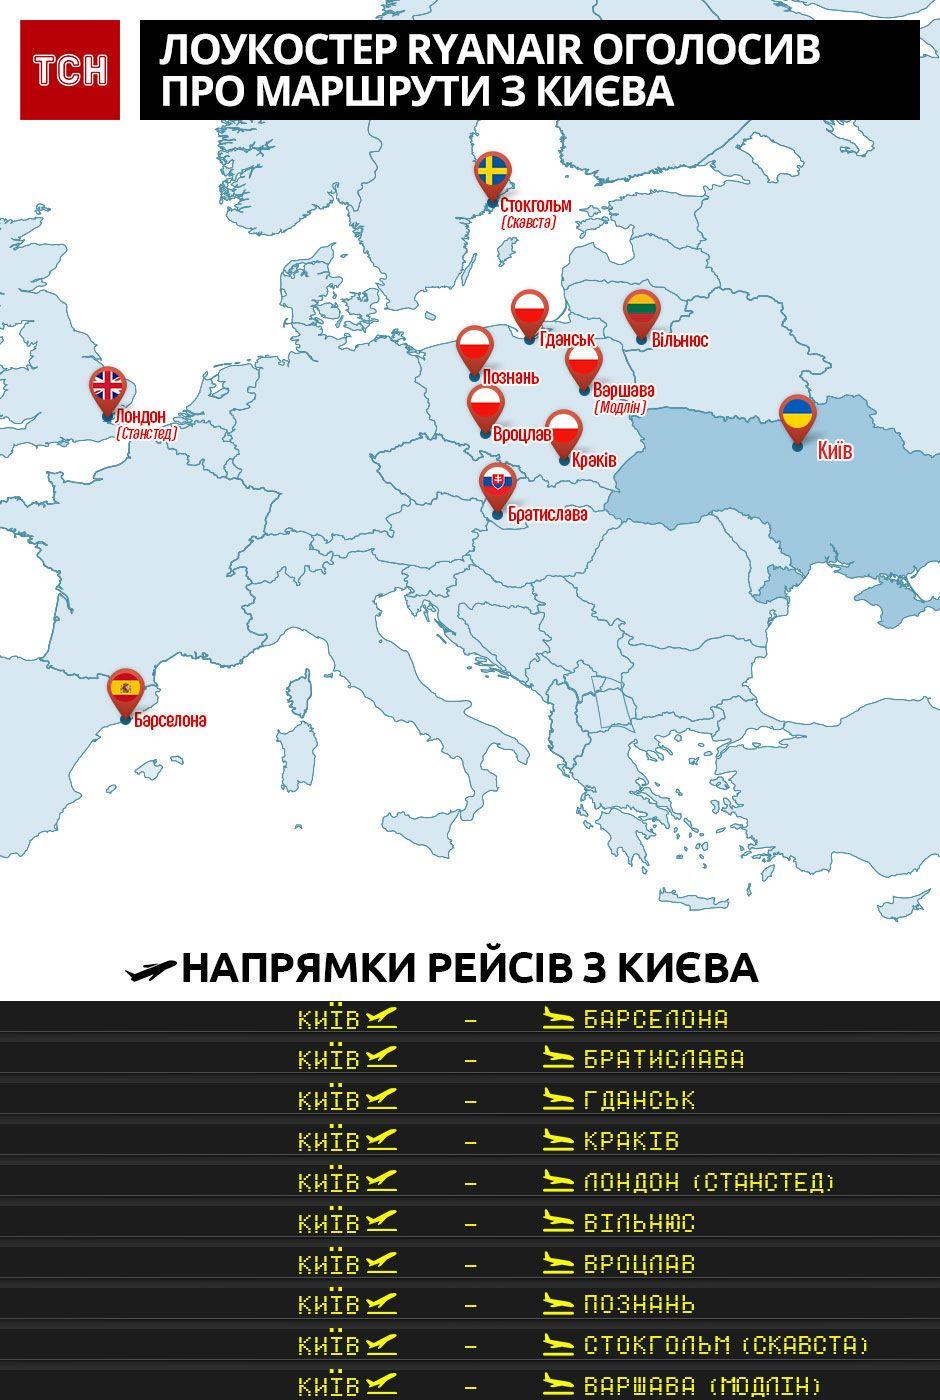 Інфографіка. Маршрути з Києва (Ryanair)